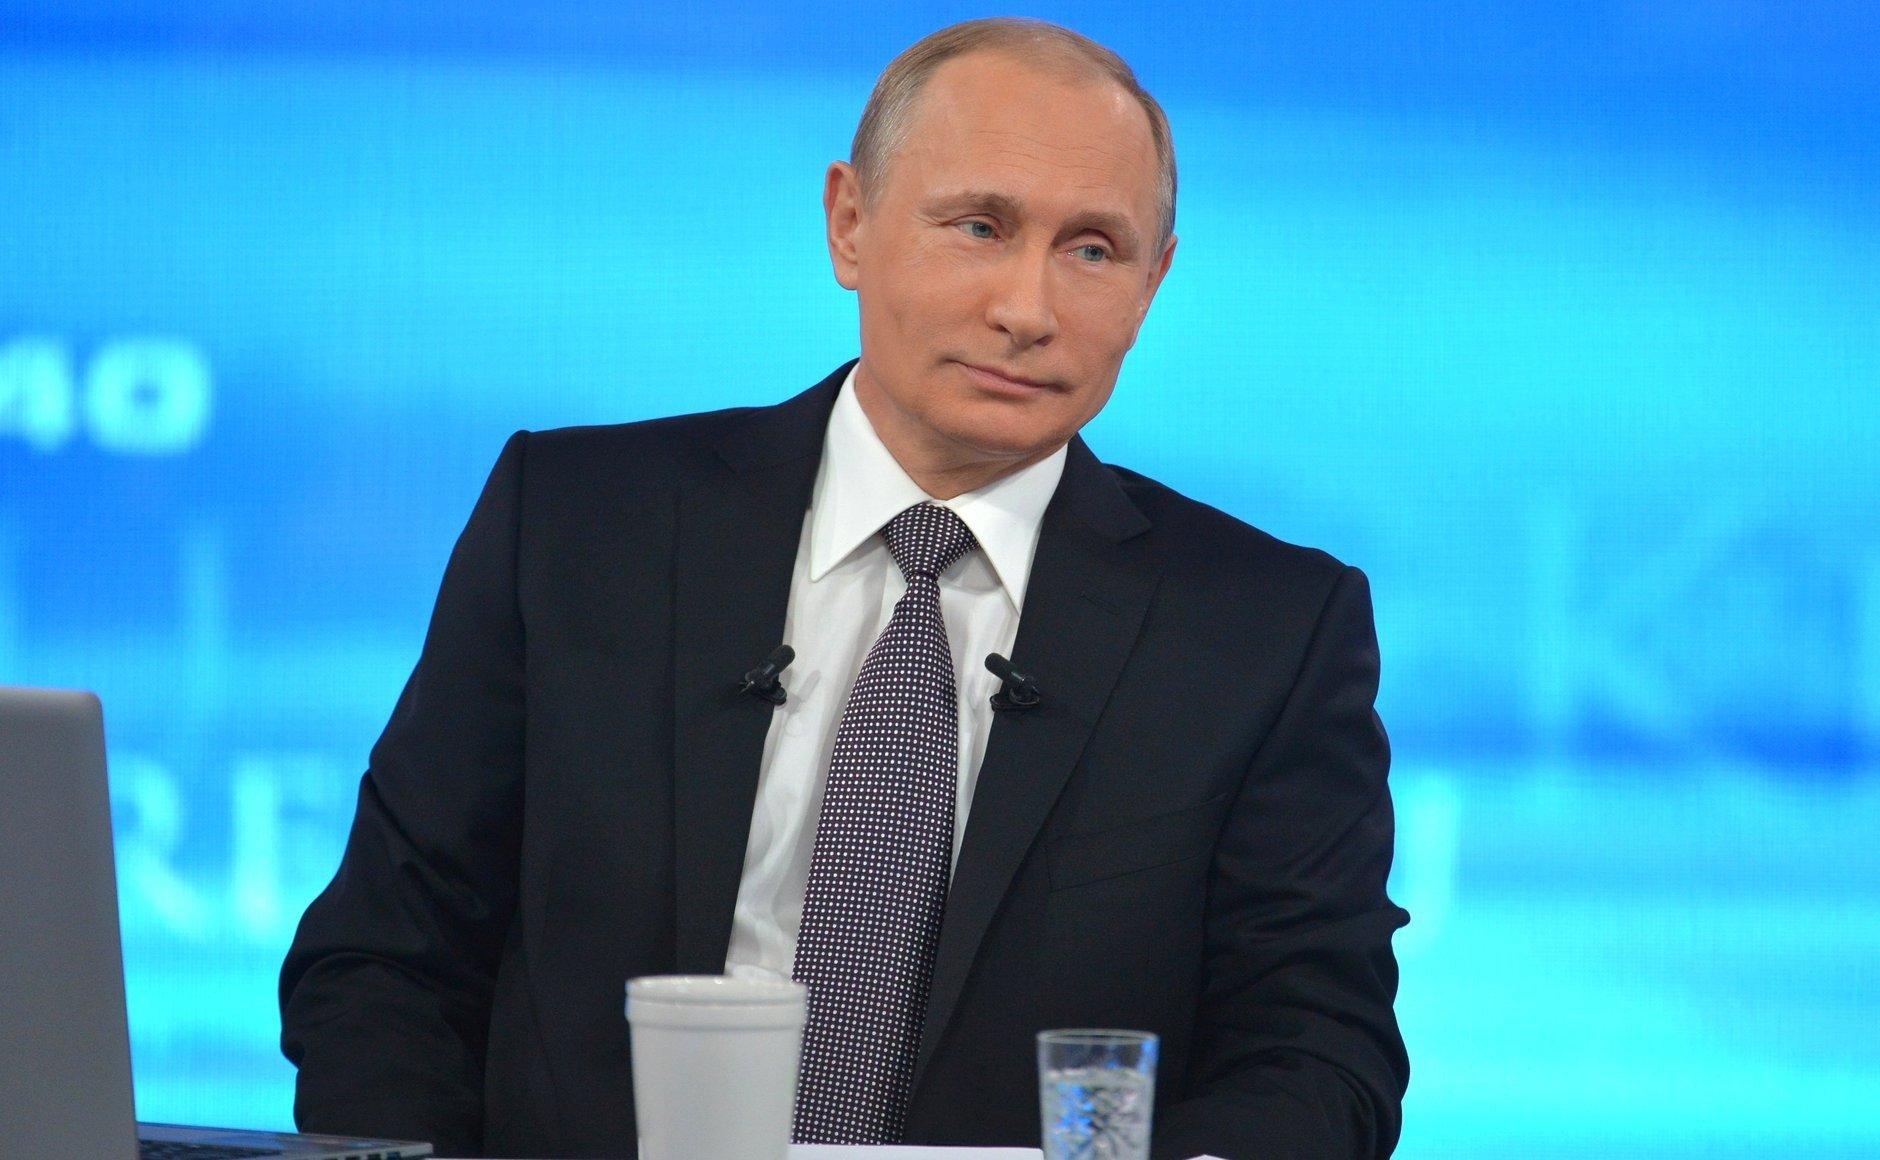 Прямая трансляция поздравления президента россии омск